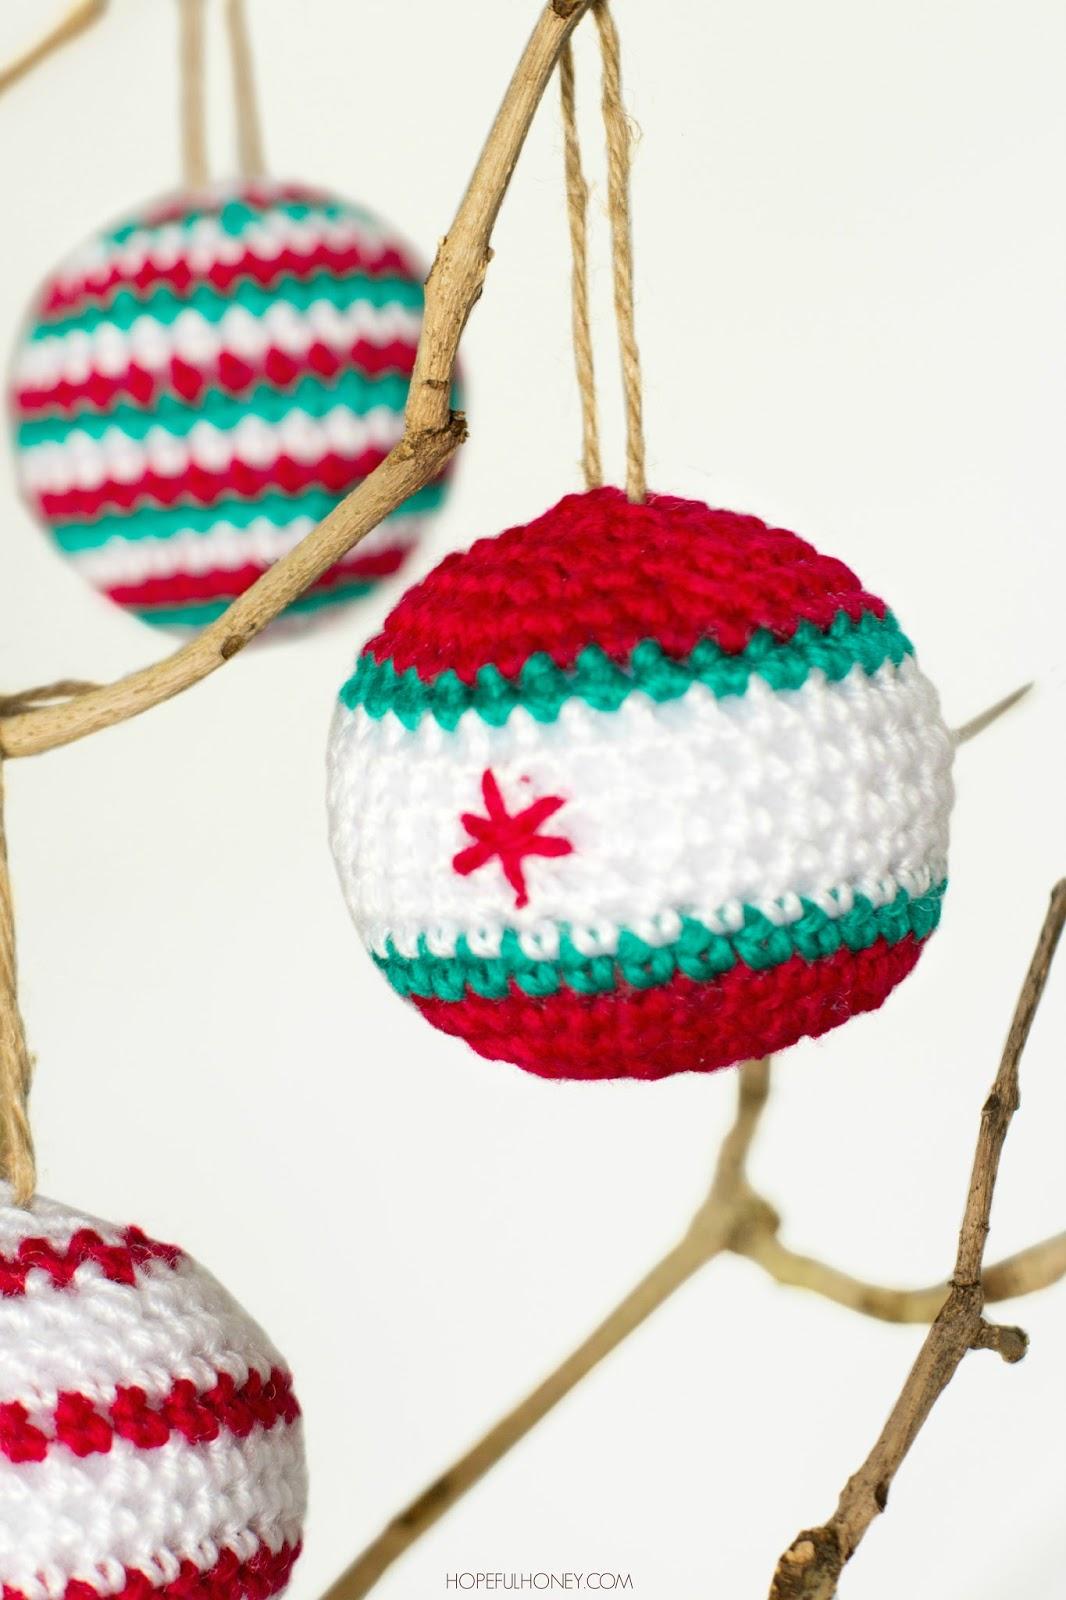 http://2.bp.blogspot.com/-R9wvlsDya9M/VEpJGOeDr0I/AAAAAAAAQZM/6Lh11Dn5rEo/s1600/Christmas%2BBaubles%2BCrochet%2BPattern%2B3.jpg